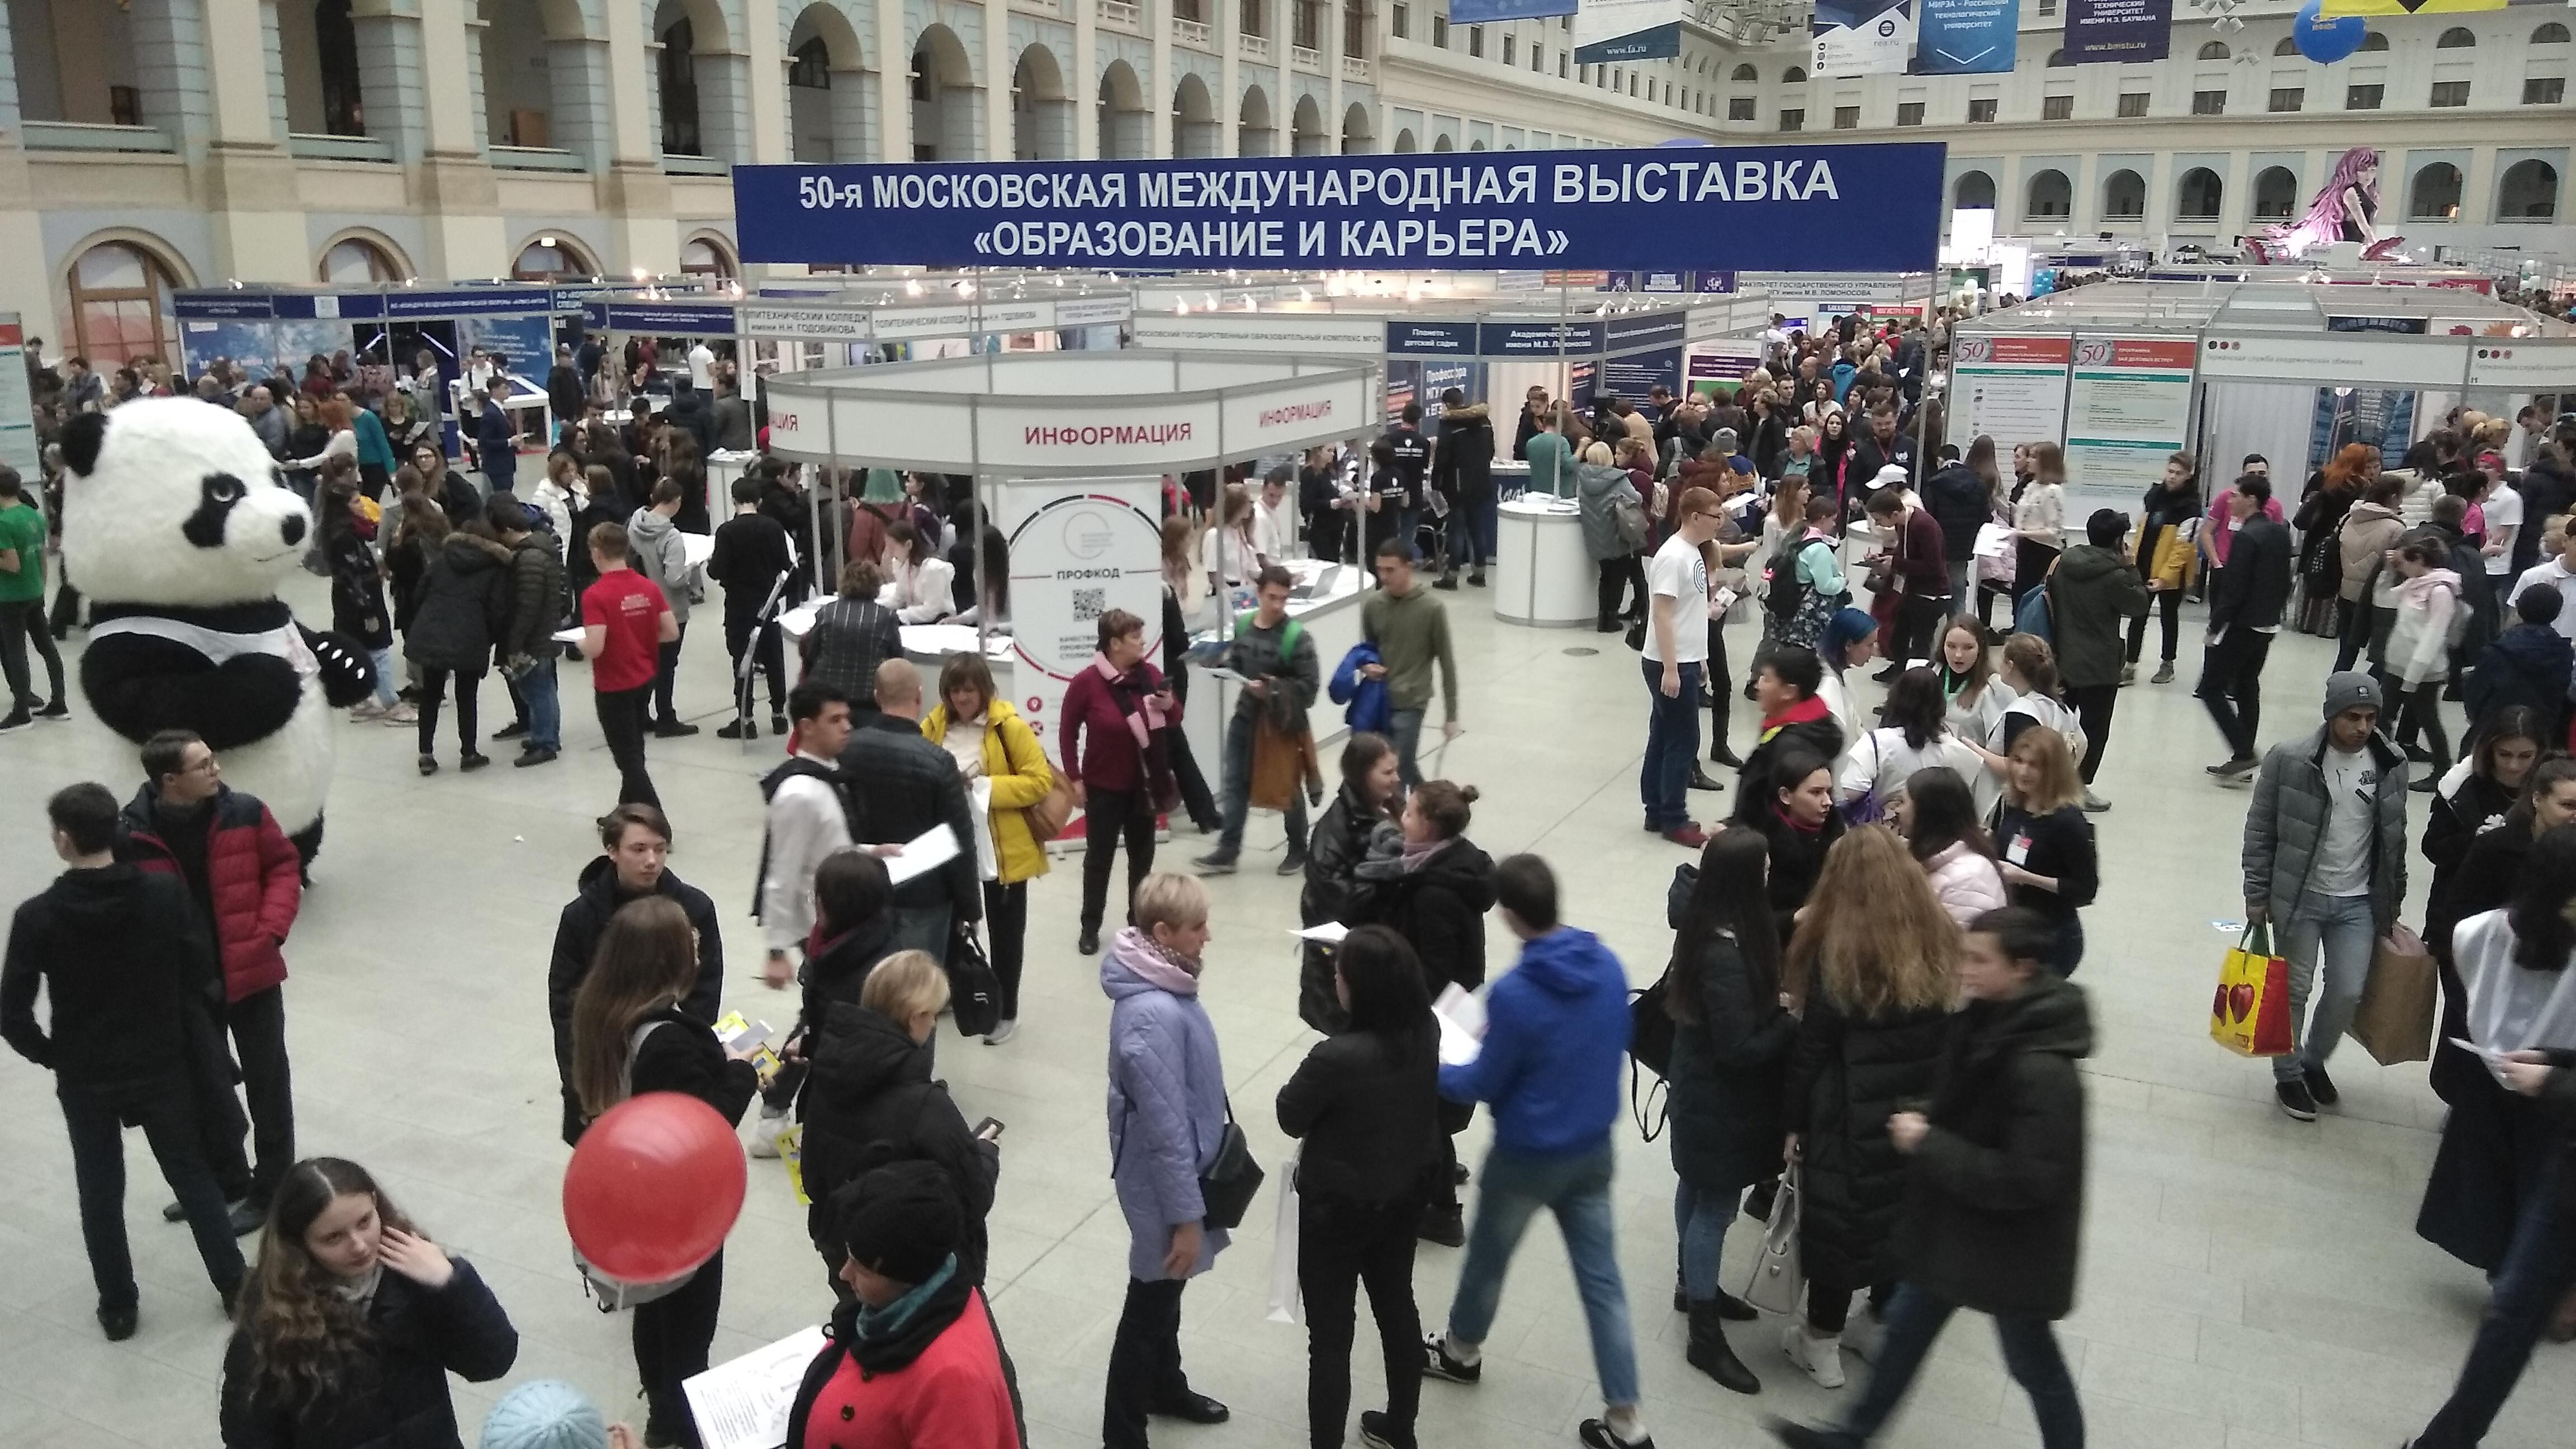 ИПССО на Московской Международной выставке «Образование и Карьера»